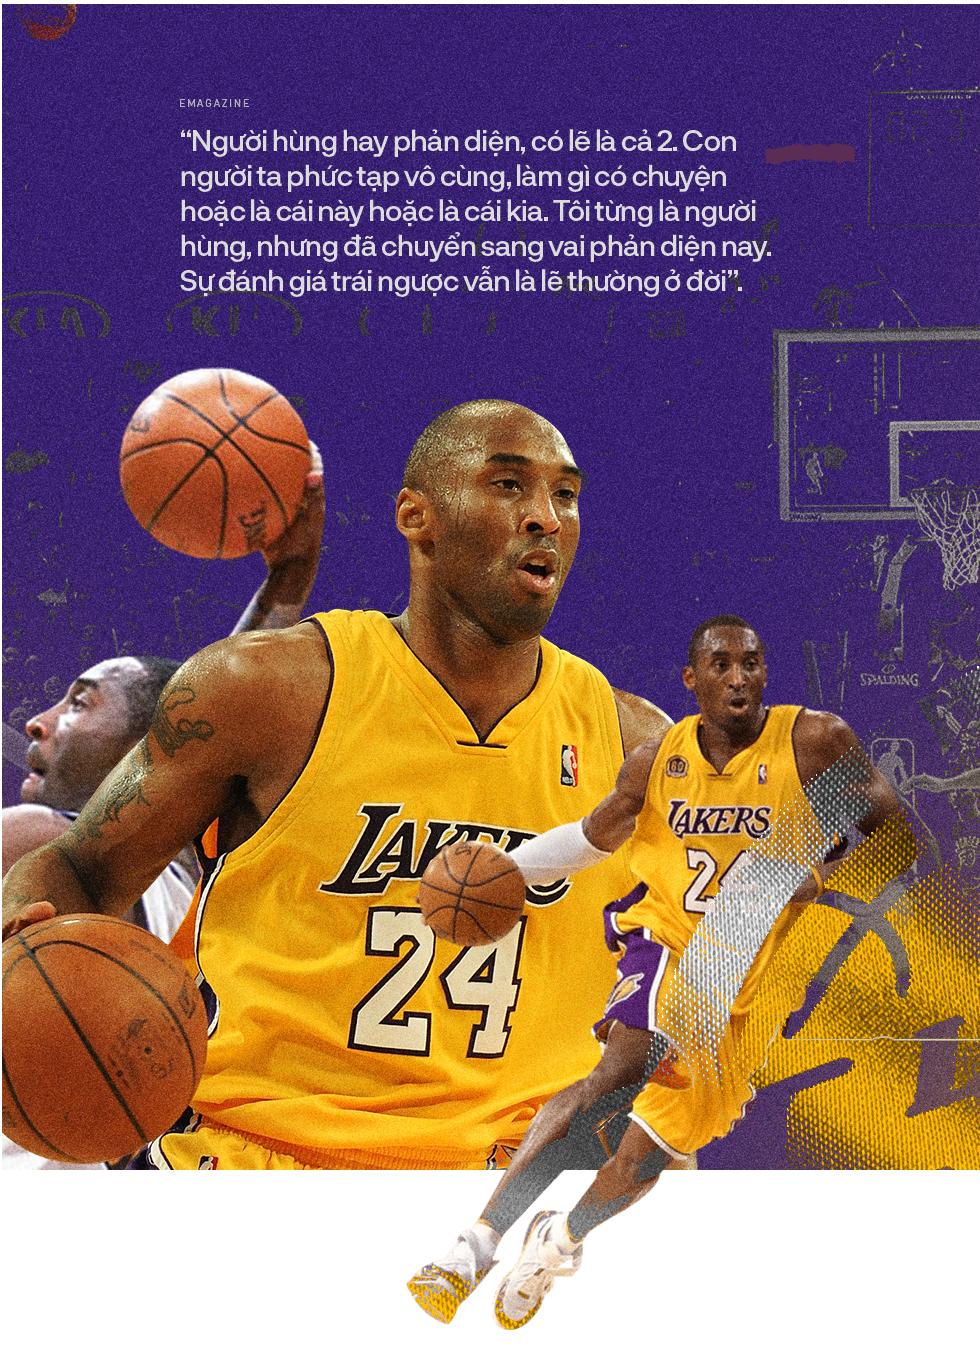 Kobe Bryant: Người hùng sẽ đến rồi đi, nhưng huyền thoại sẽ sống mãi - Ảnh 15.